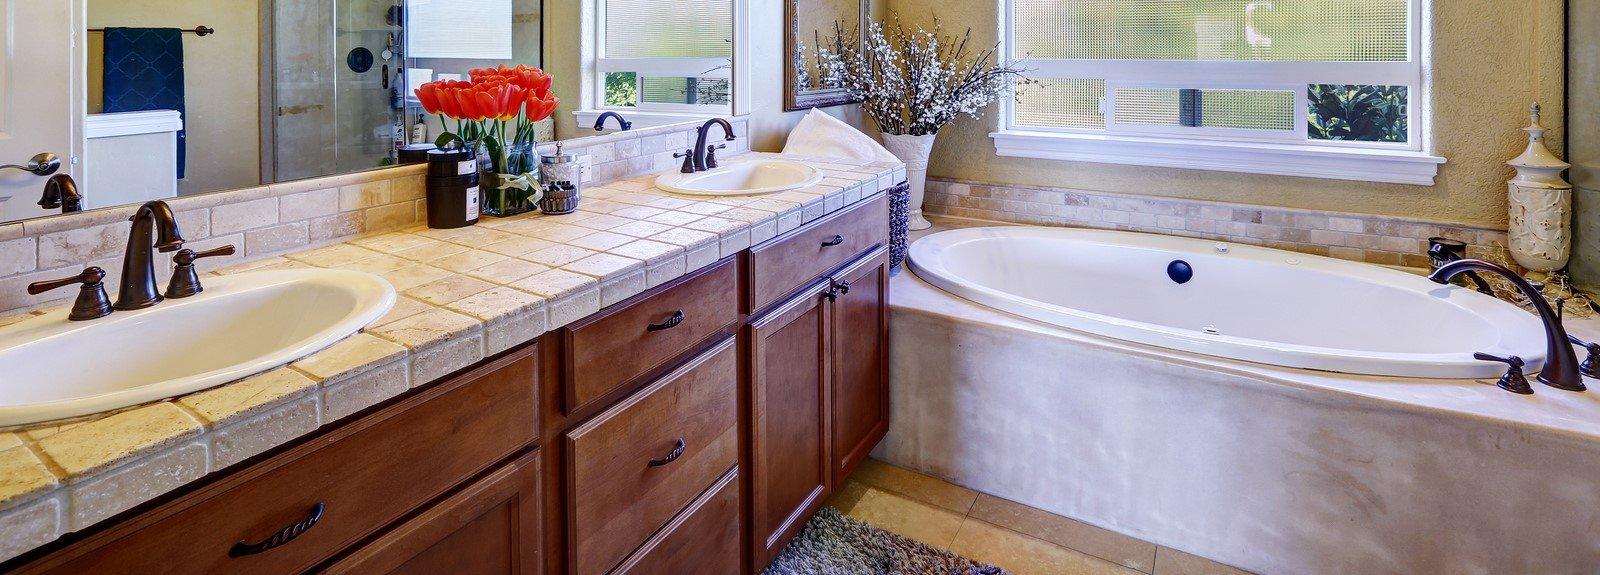 modern wood and tile vanity